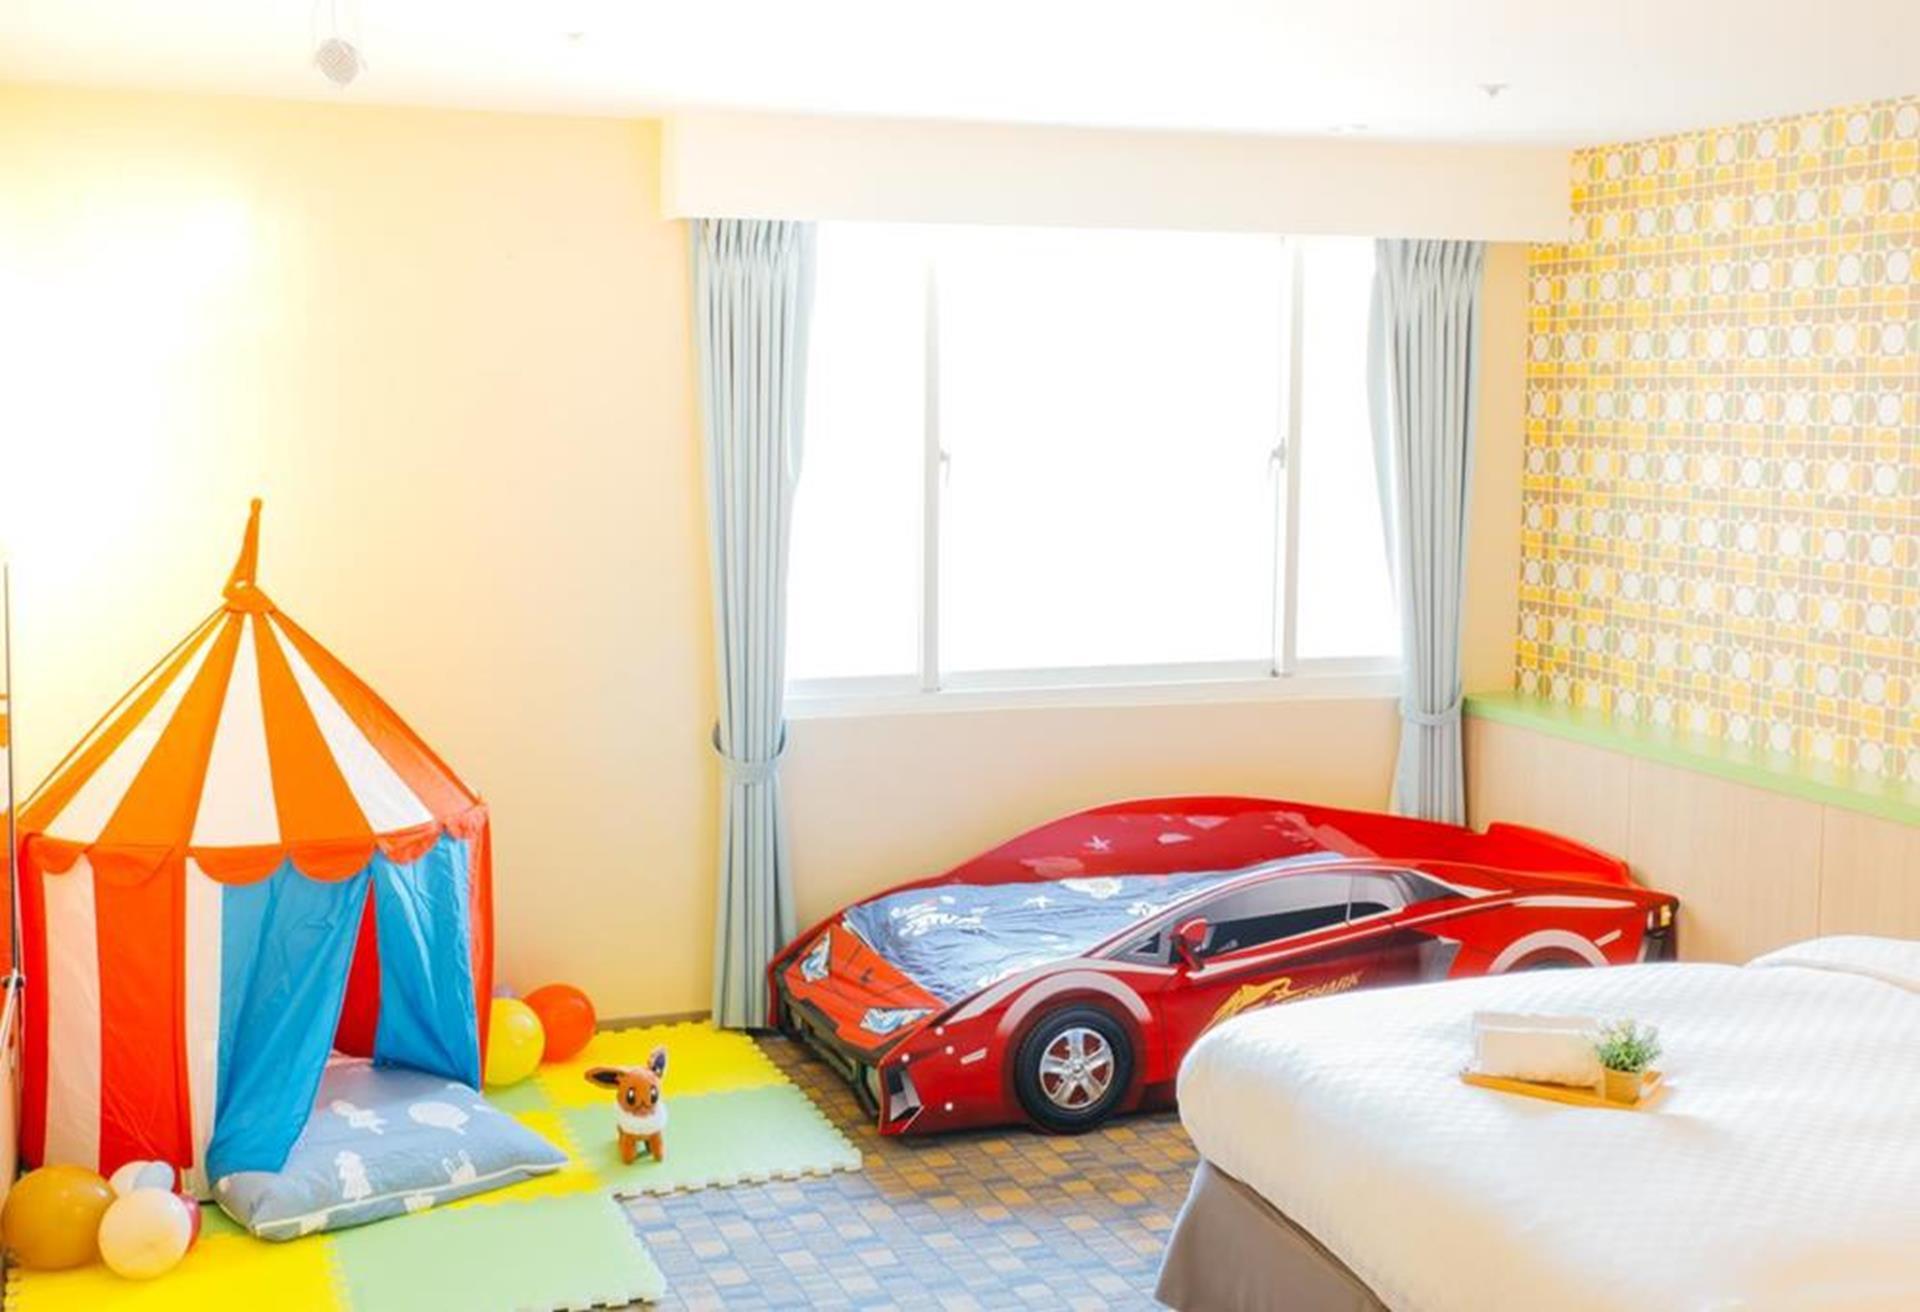 台北親子飯店推薦 - 儷客旅店親子主題房